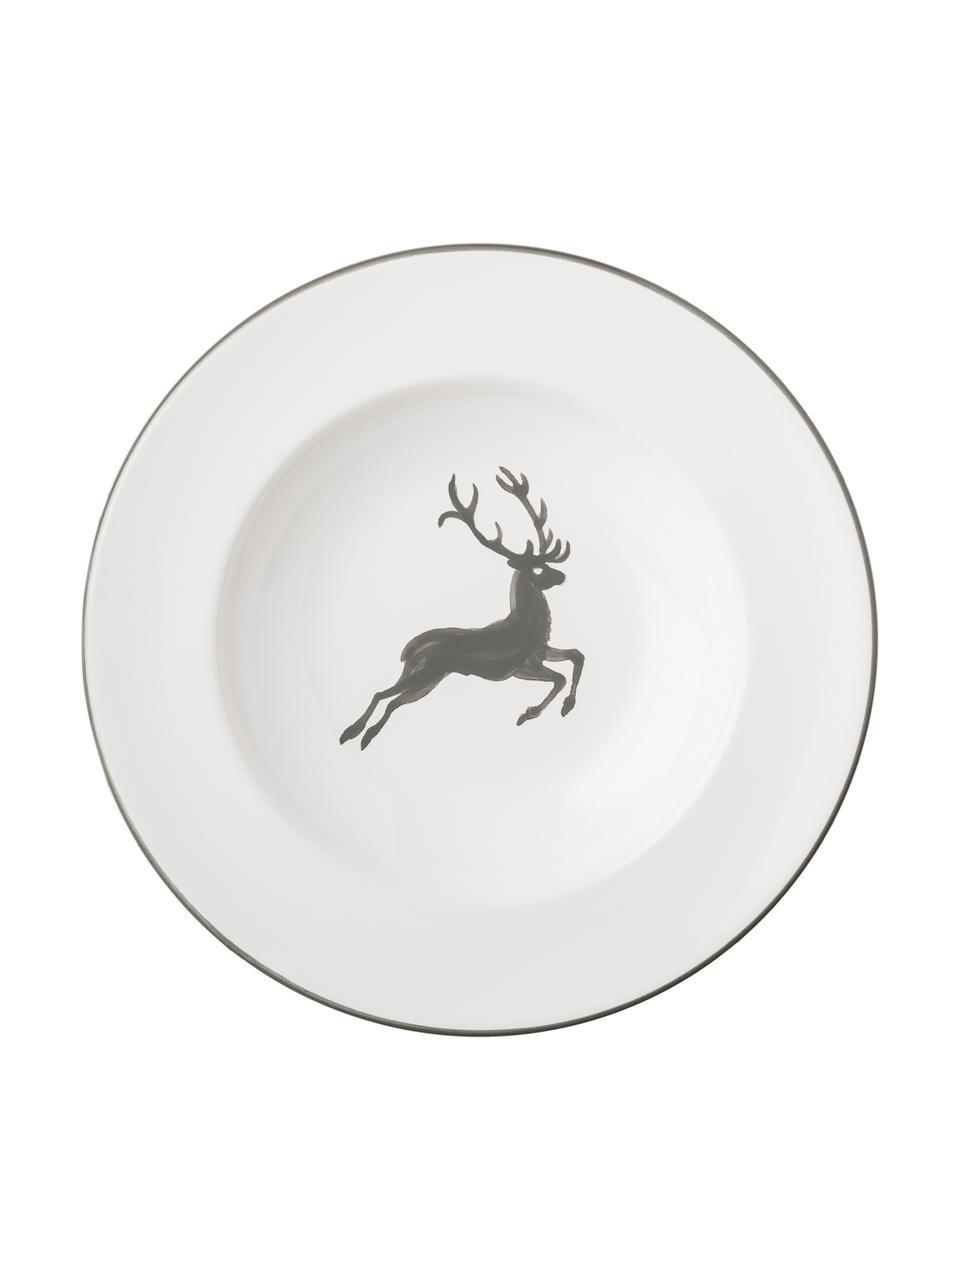 Ręcznie malowany talerz głęboki Gourmet Grauer Hirsch, Ceramika, Szary, biały, Ø 24 cm